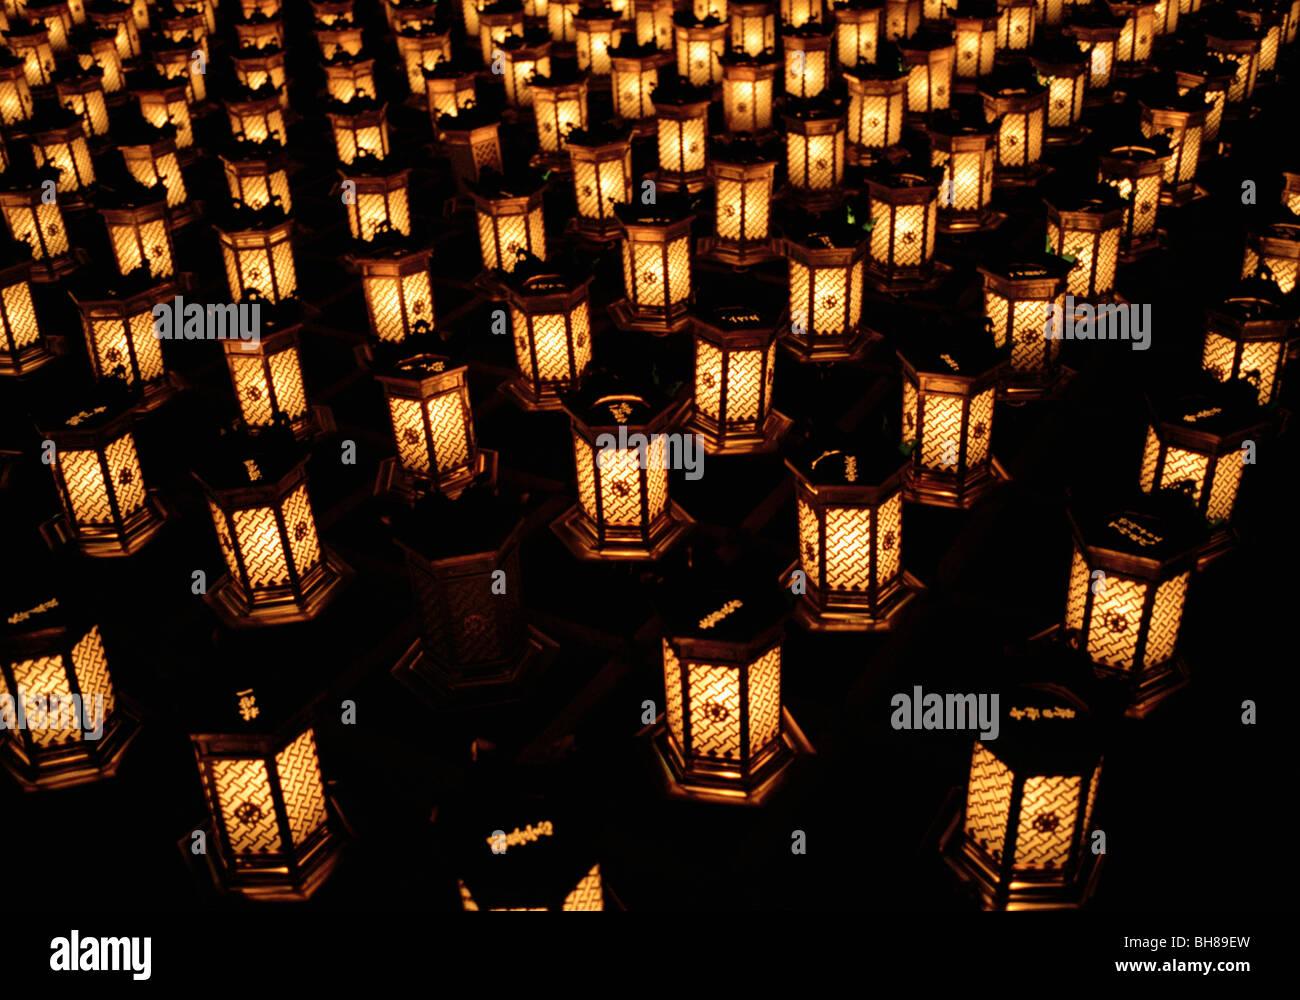 Linternas iluminadas dispuestas en filas, Miyajima, Japón Foto de stock